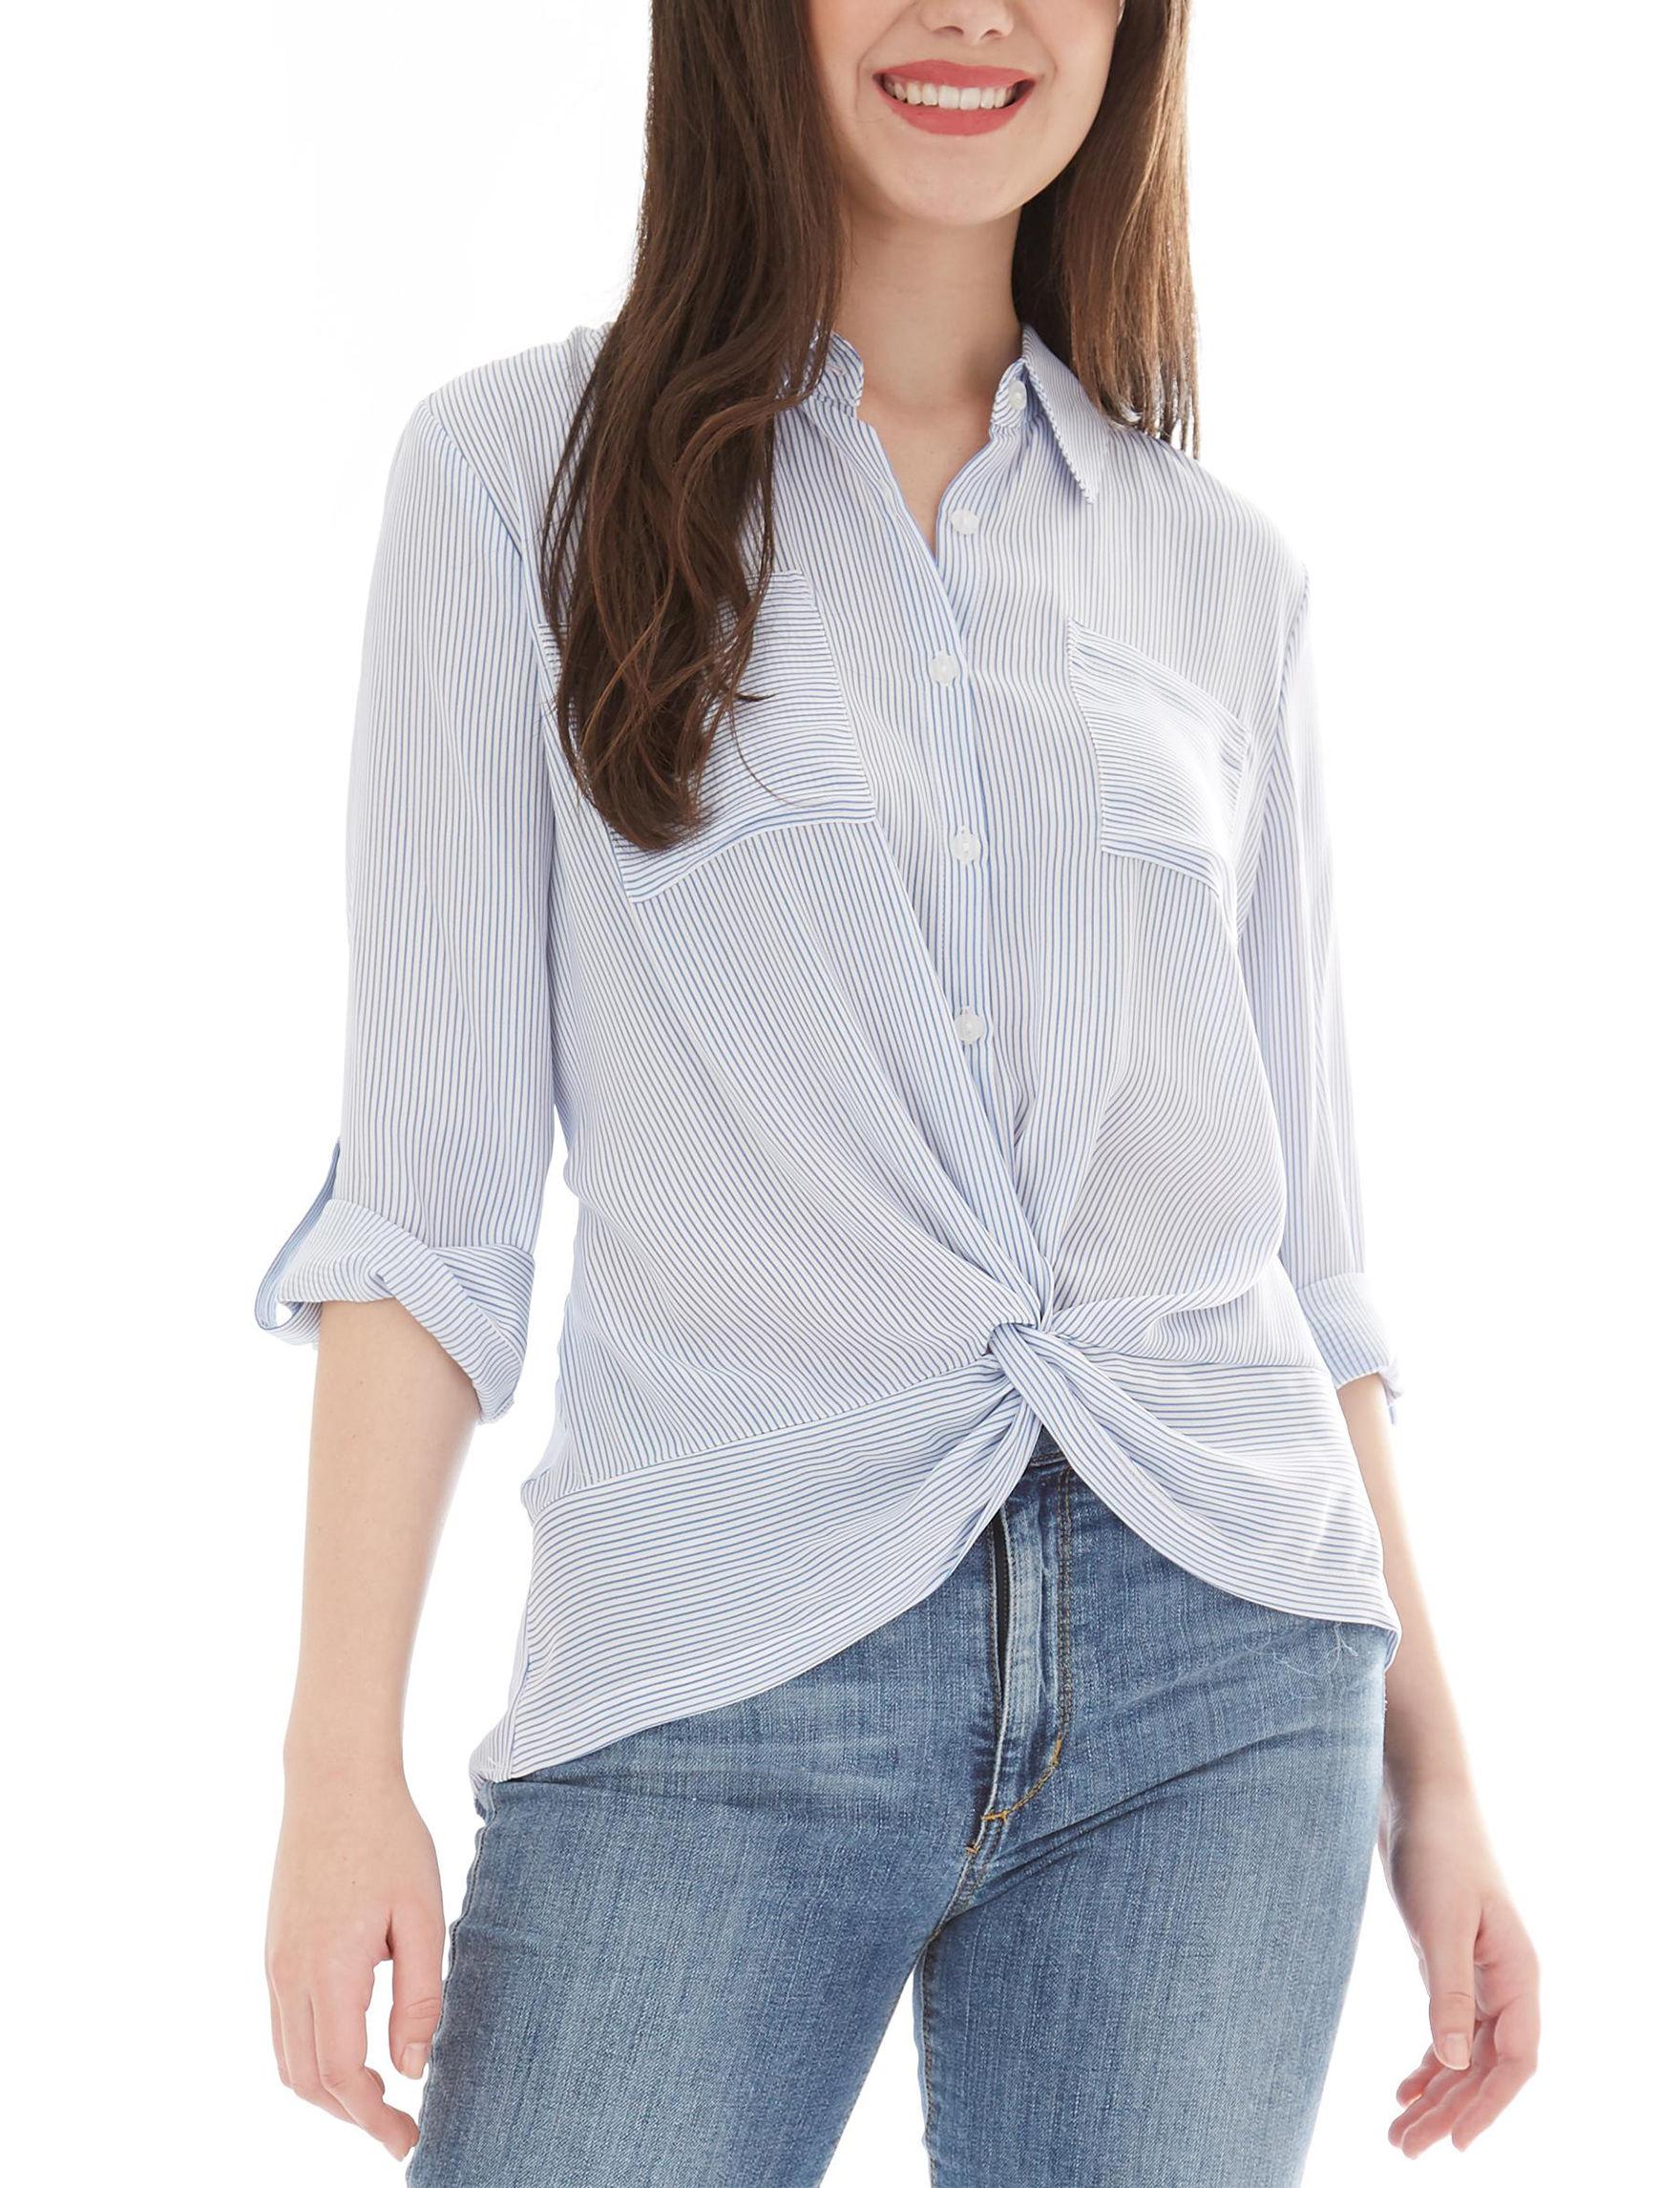 A. Byer White / Blue Shirts & Blouses